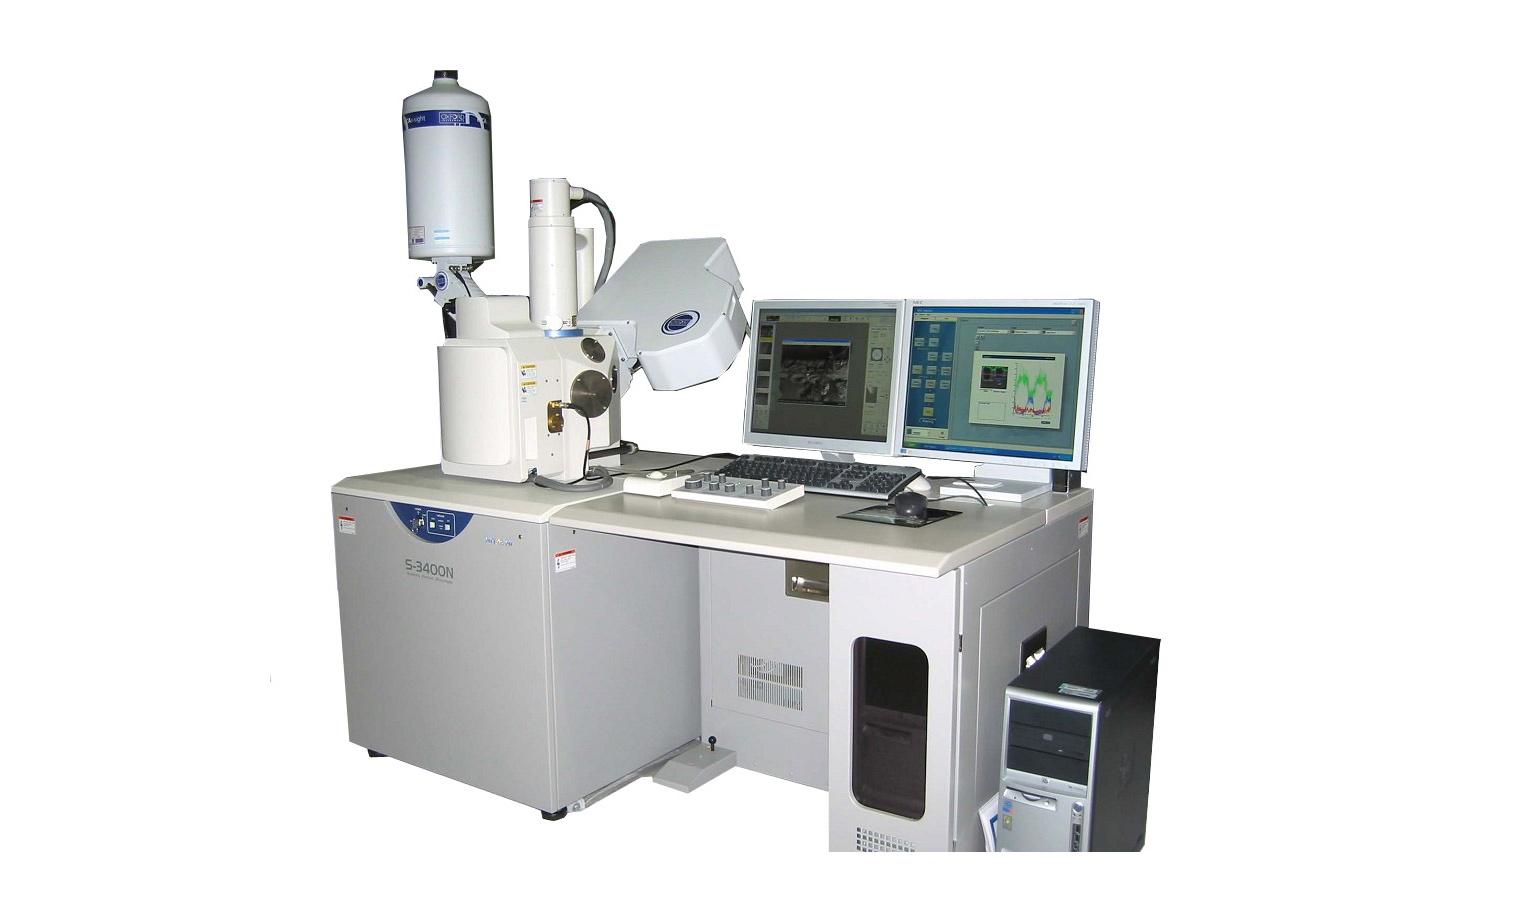 阜阳师范学院扫描电子显微镜采购项目二次招标